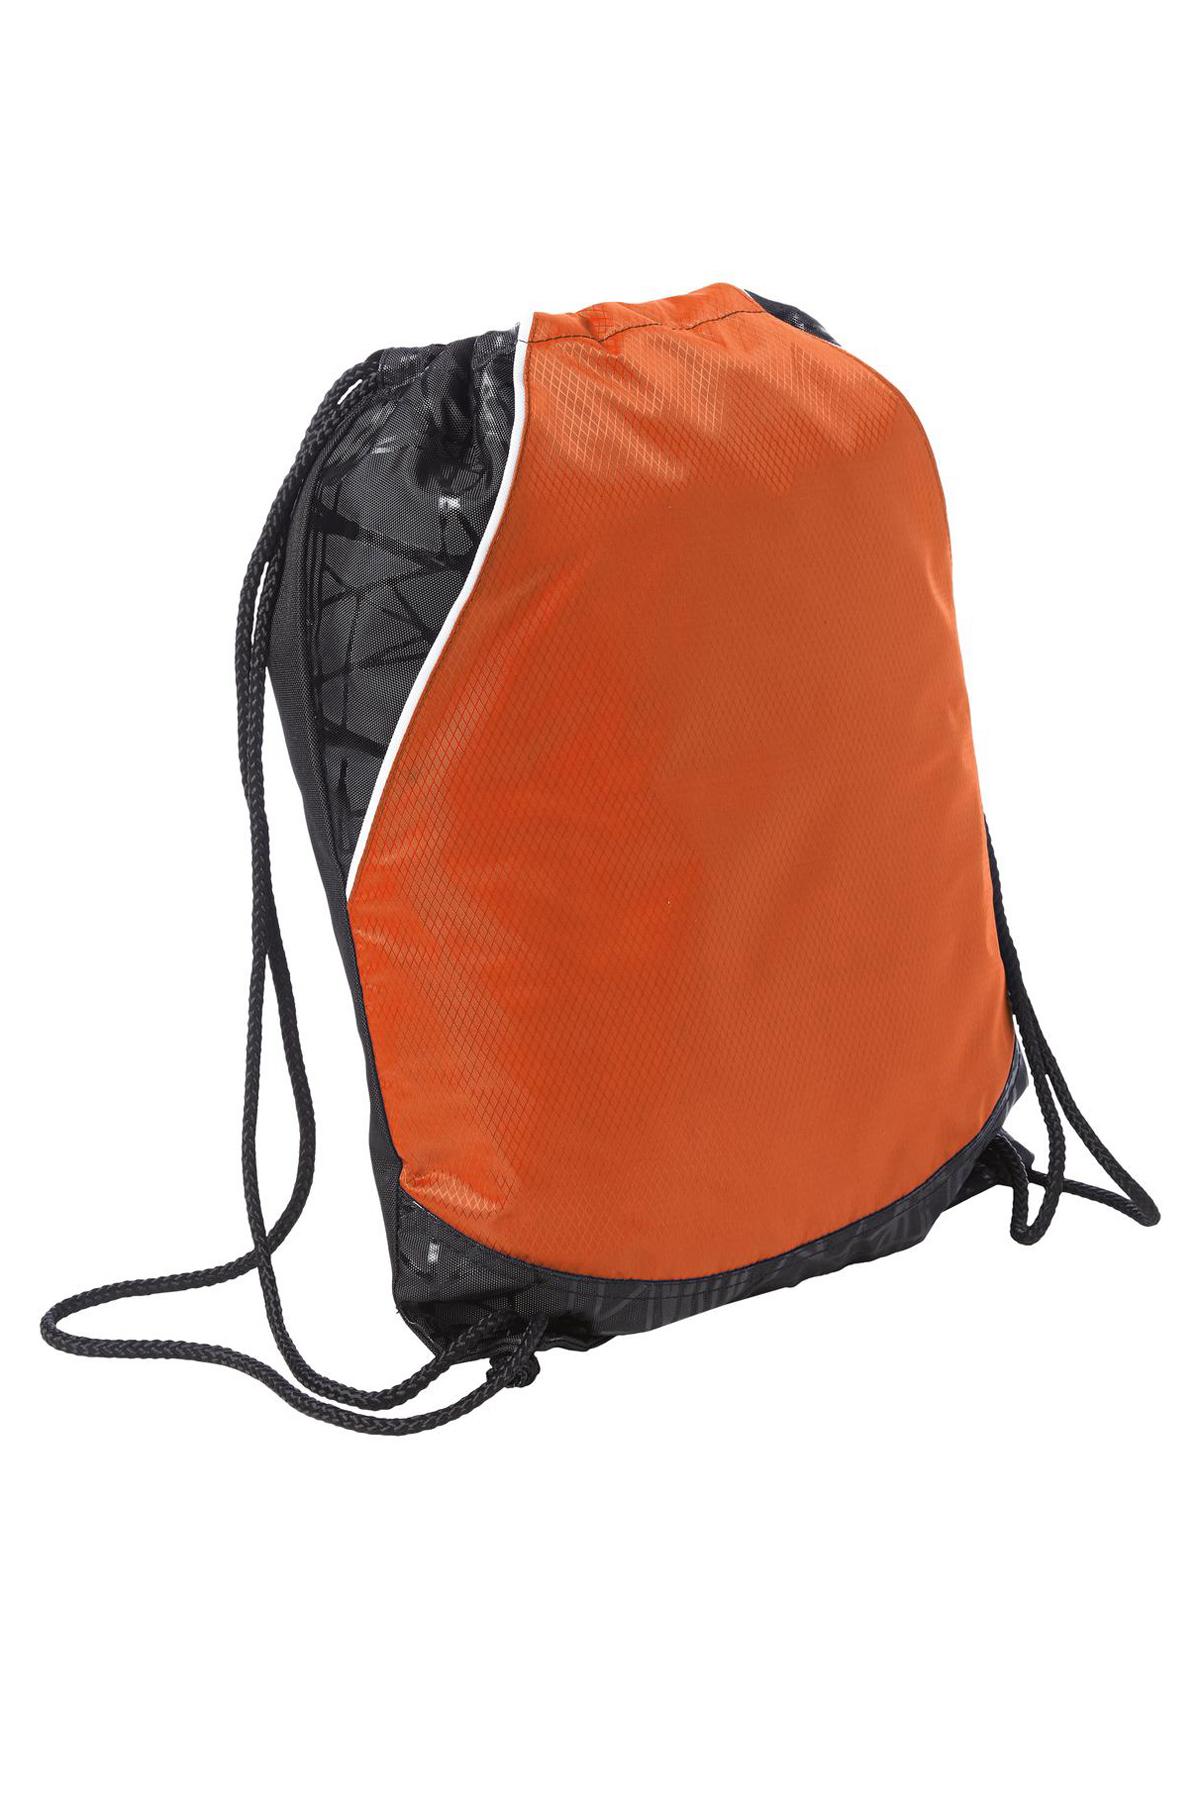 Bags-Cinch-9